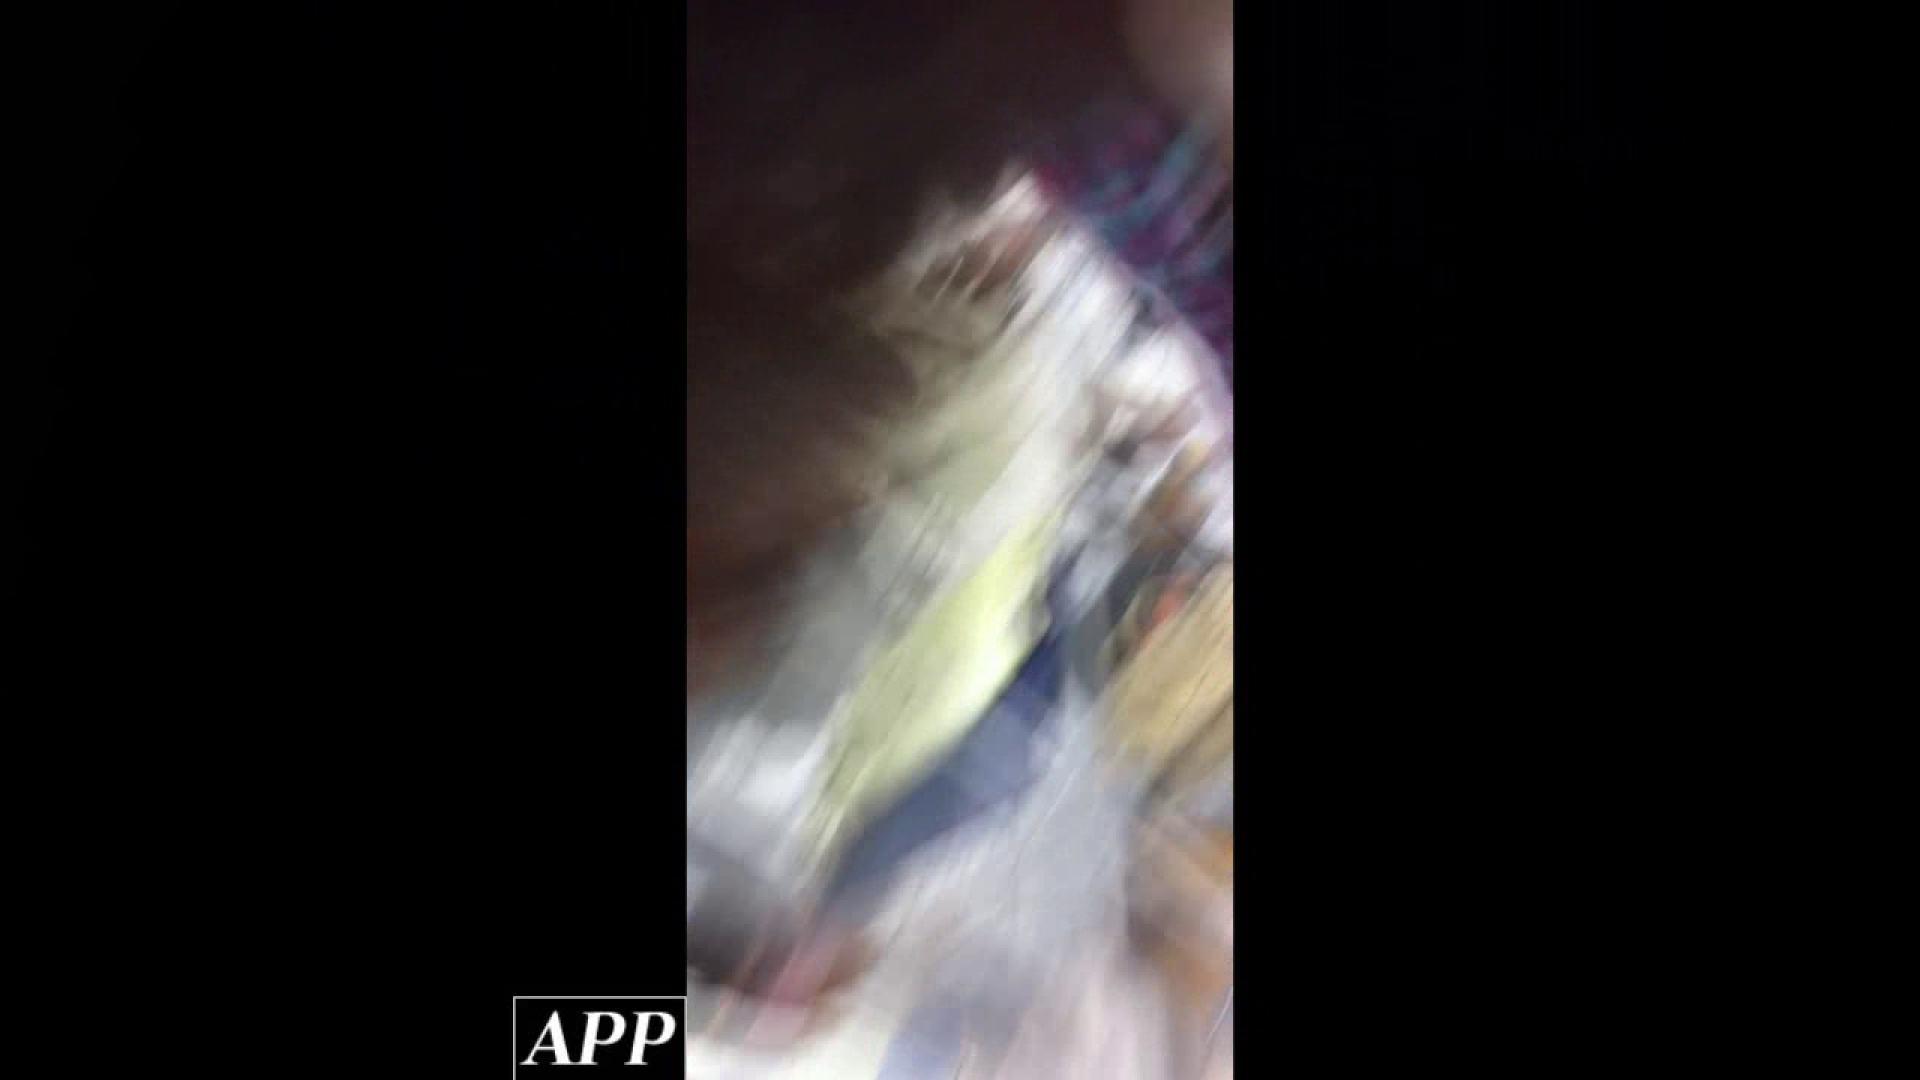 ハイビジョン盗撮!ショップ店員千人斬り!胸チラ編 vol.94 OLエロ画像 | チラ  109PICs 103